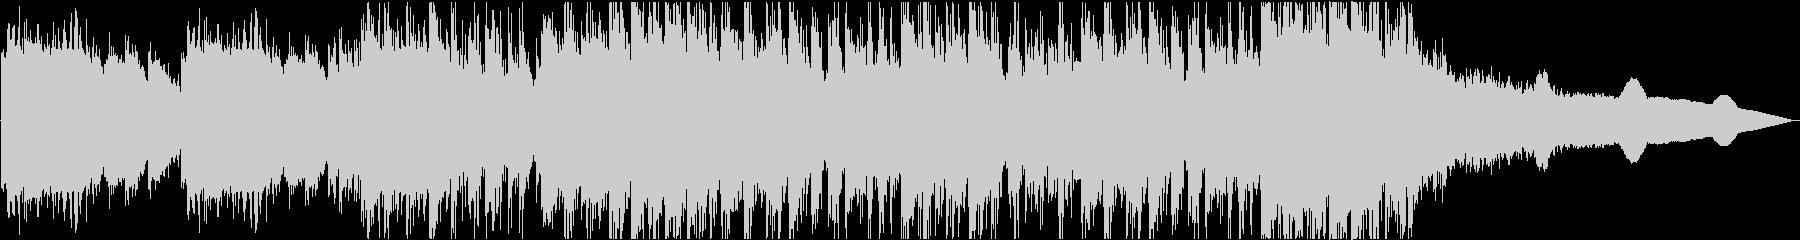 ゲームの戦闘イメージのピアノデジロックの未再生の波形